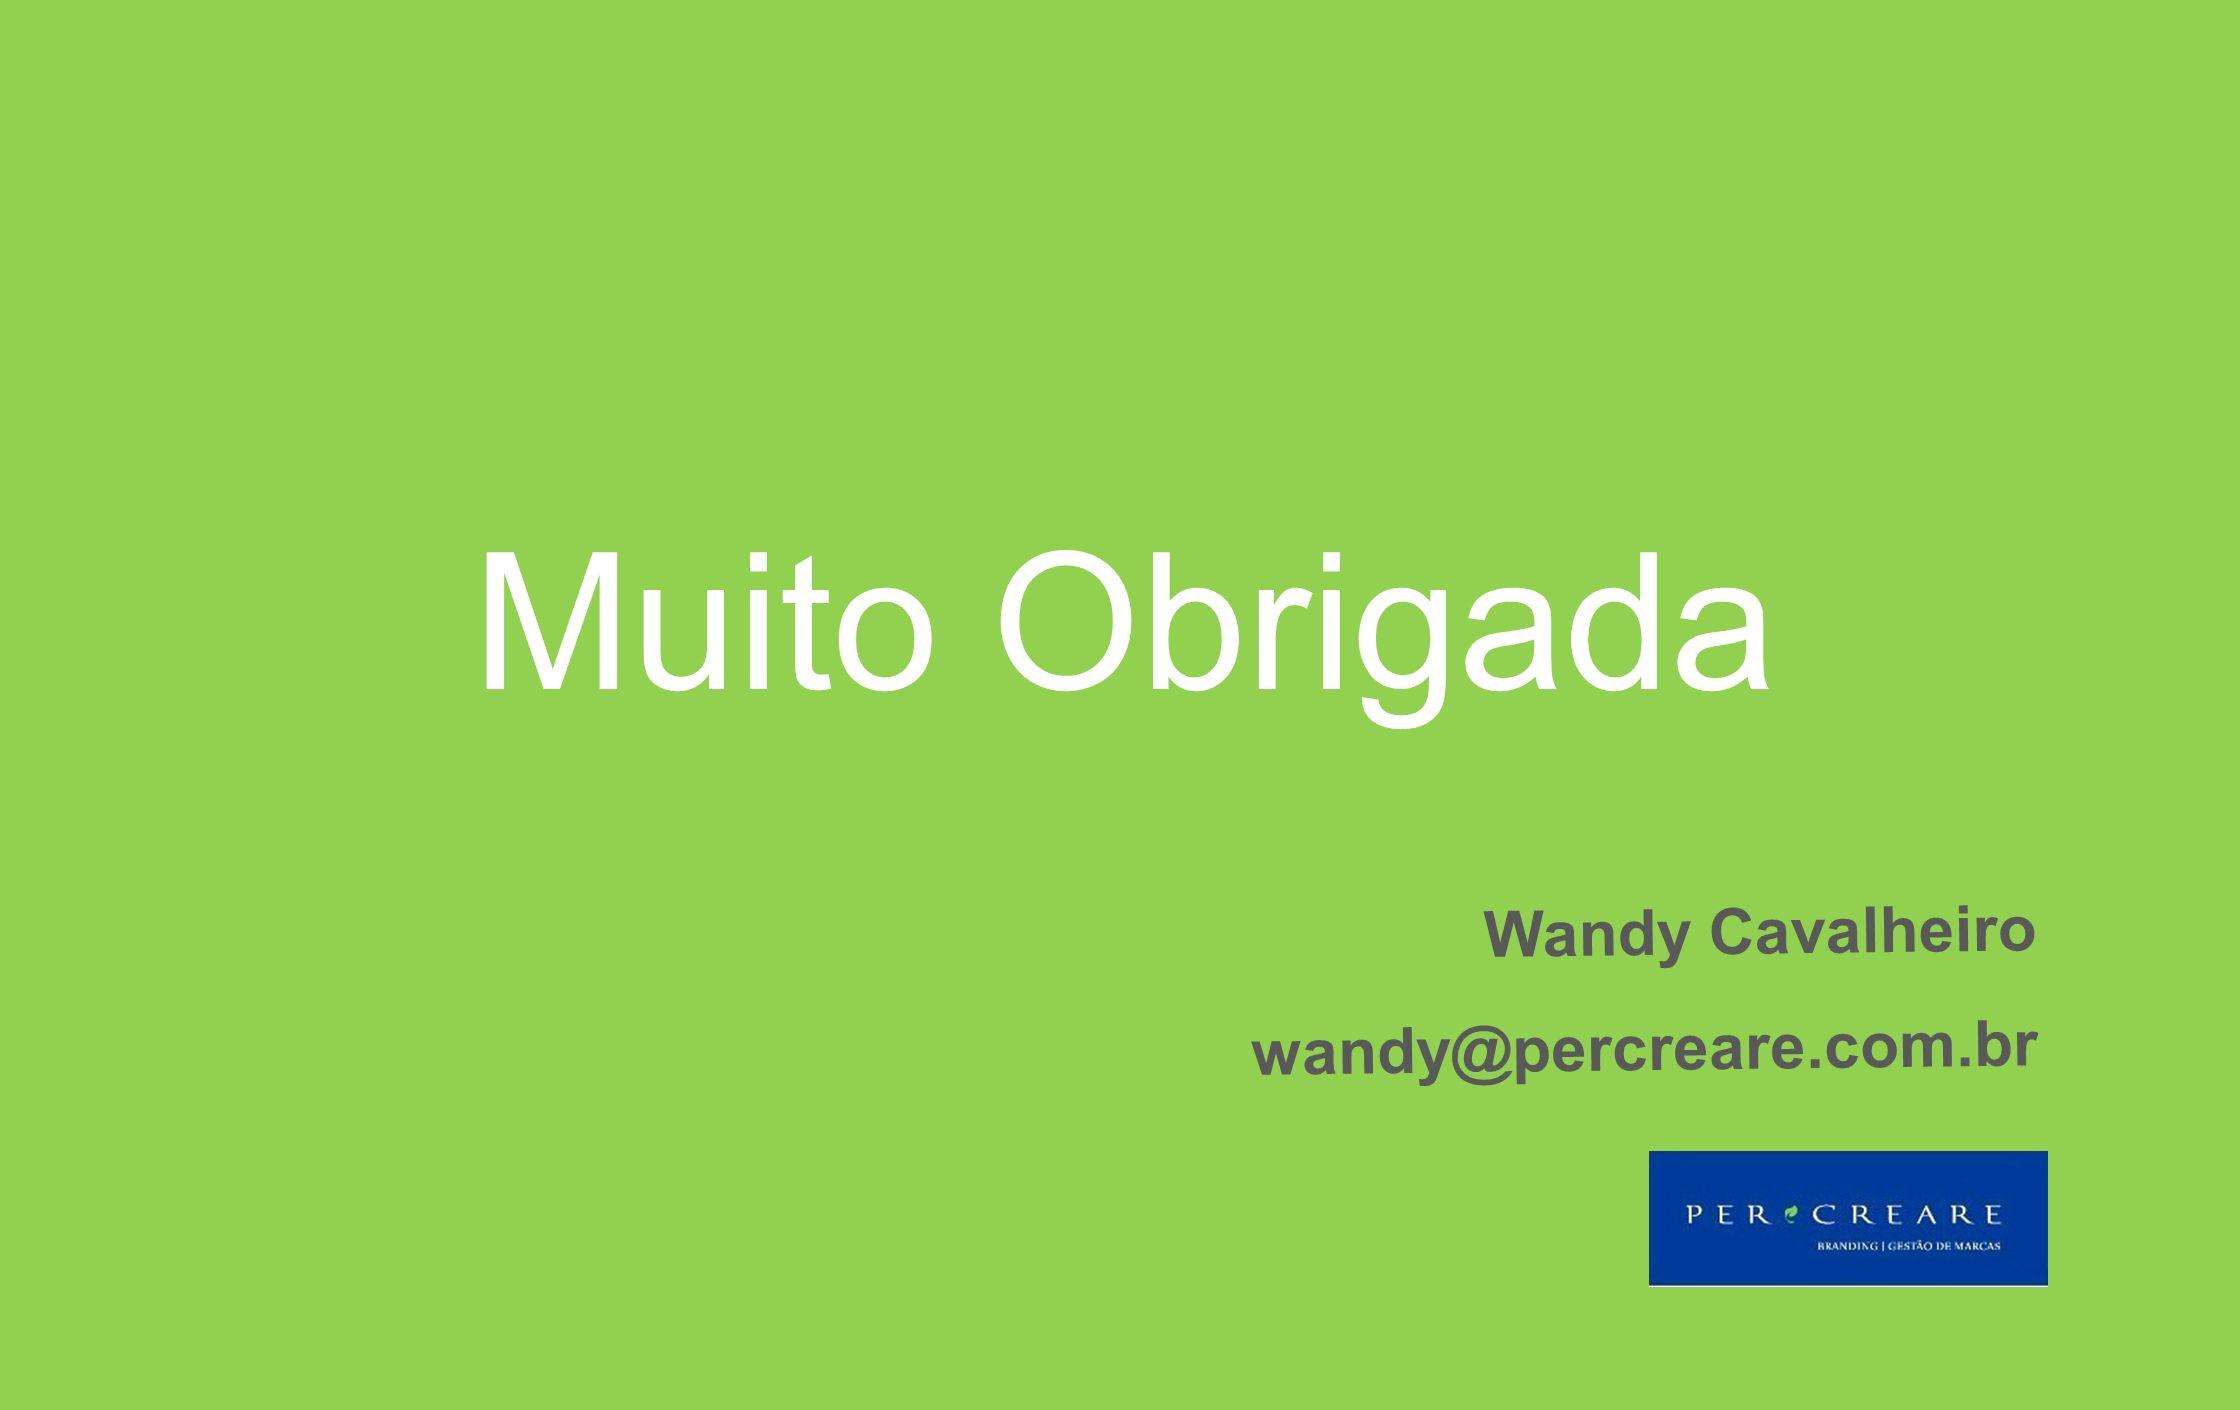 Muito Obrigada Wandy Cavalheiro wandy@percreare.com.br